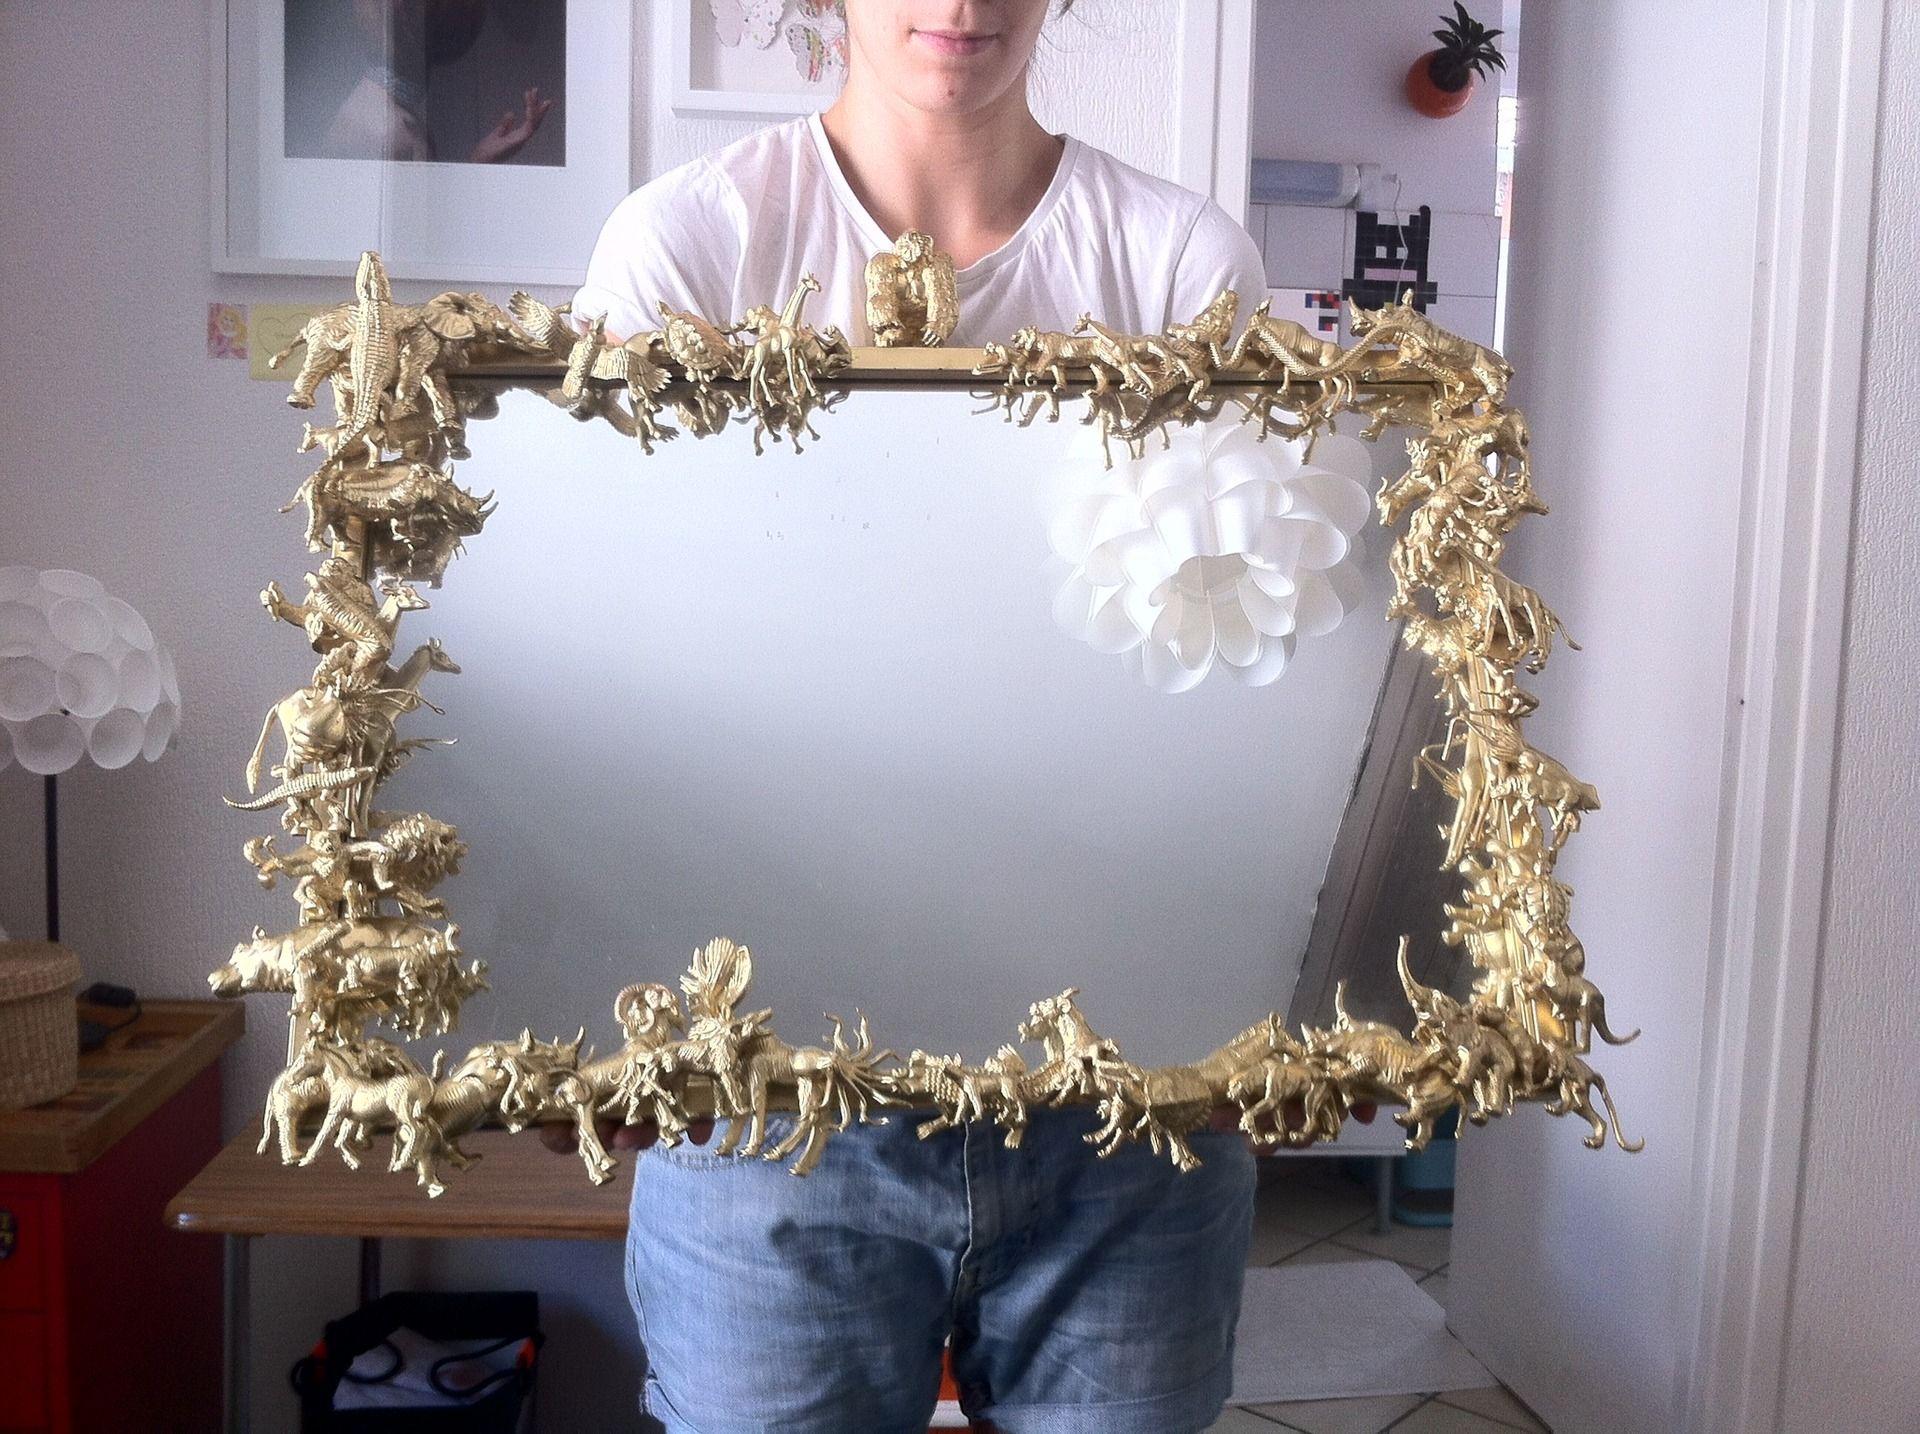 miroir d coratifs jungle cadre bois avec animaux dor s. Black Bedroom Furniture Sets. Home Design Ideas